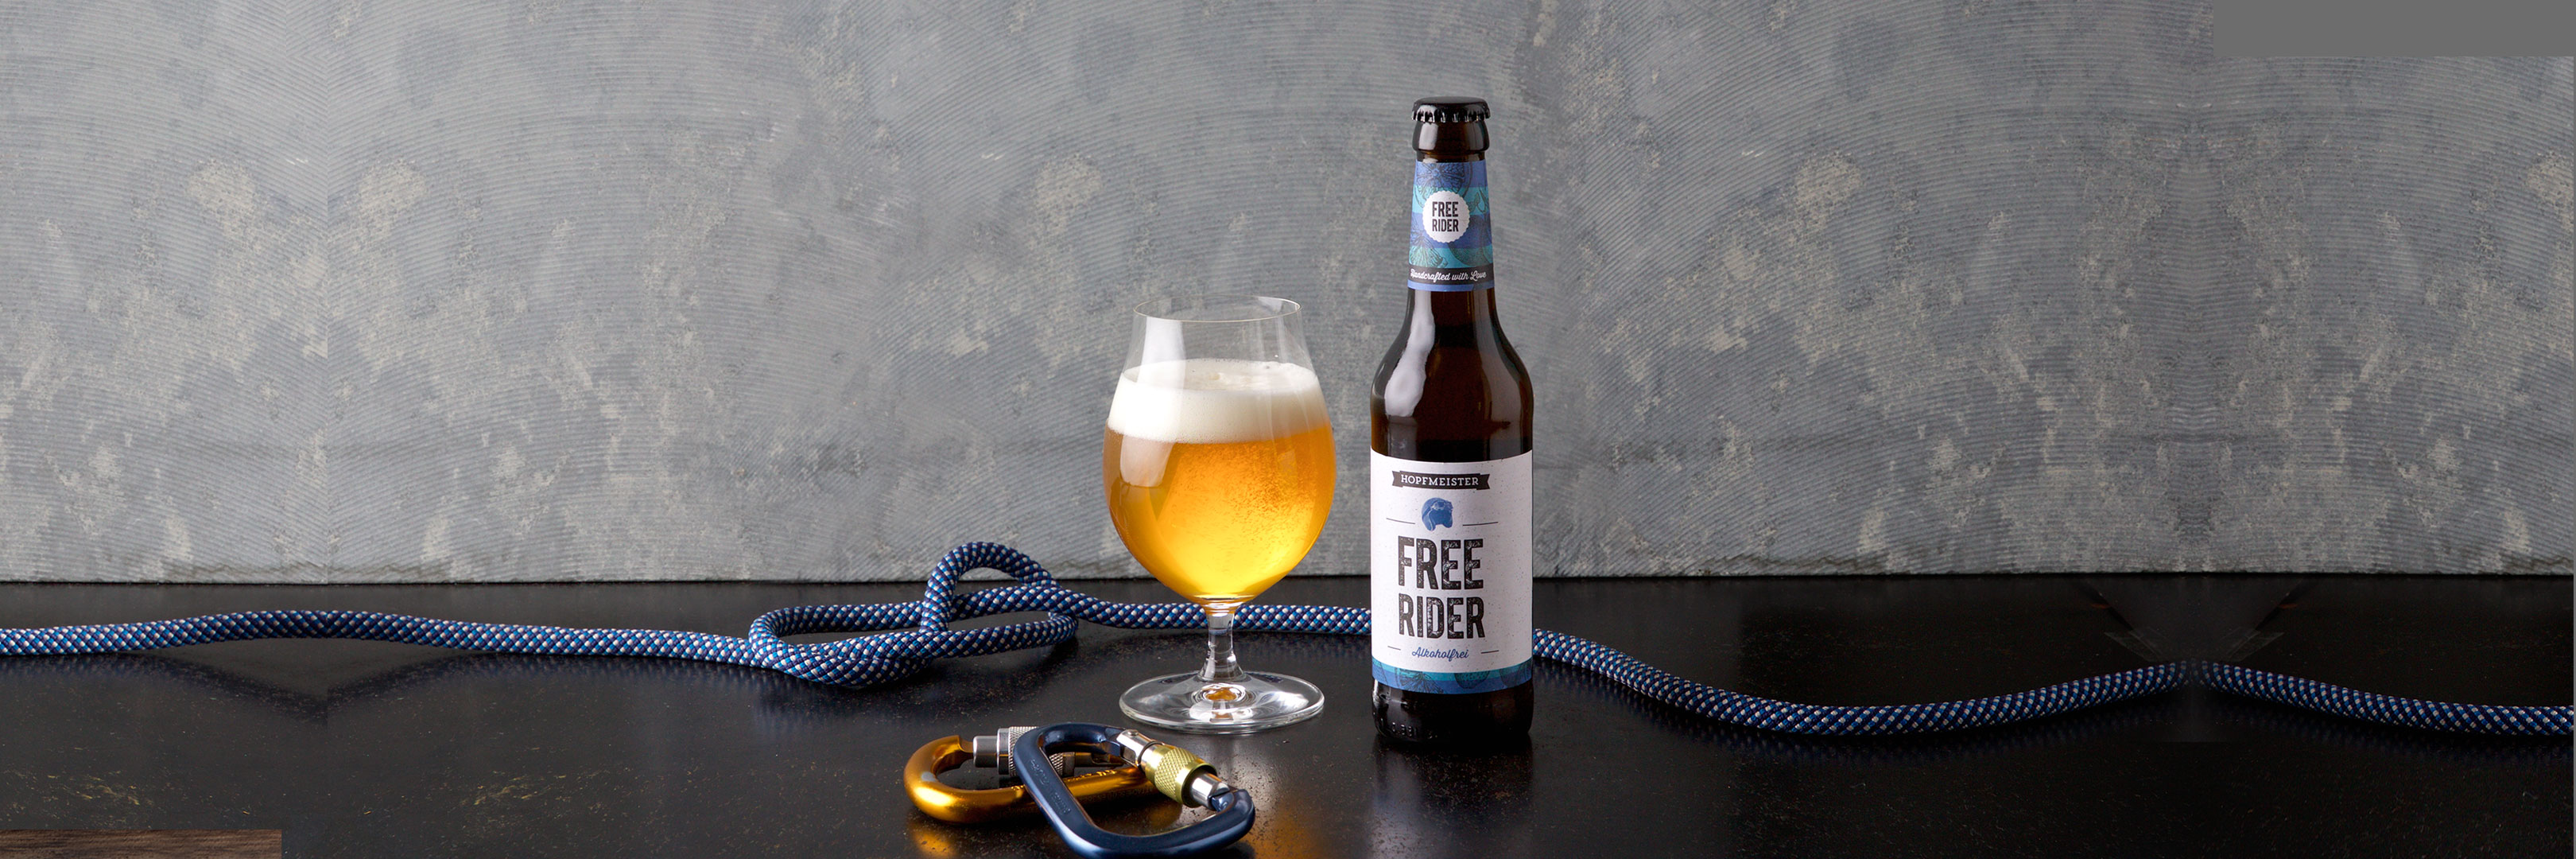 Beer Freerider